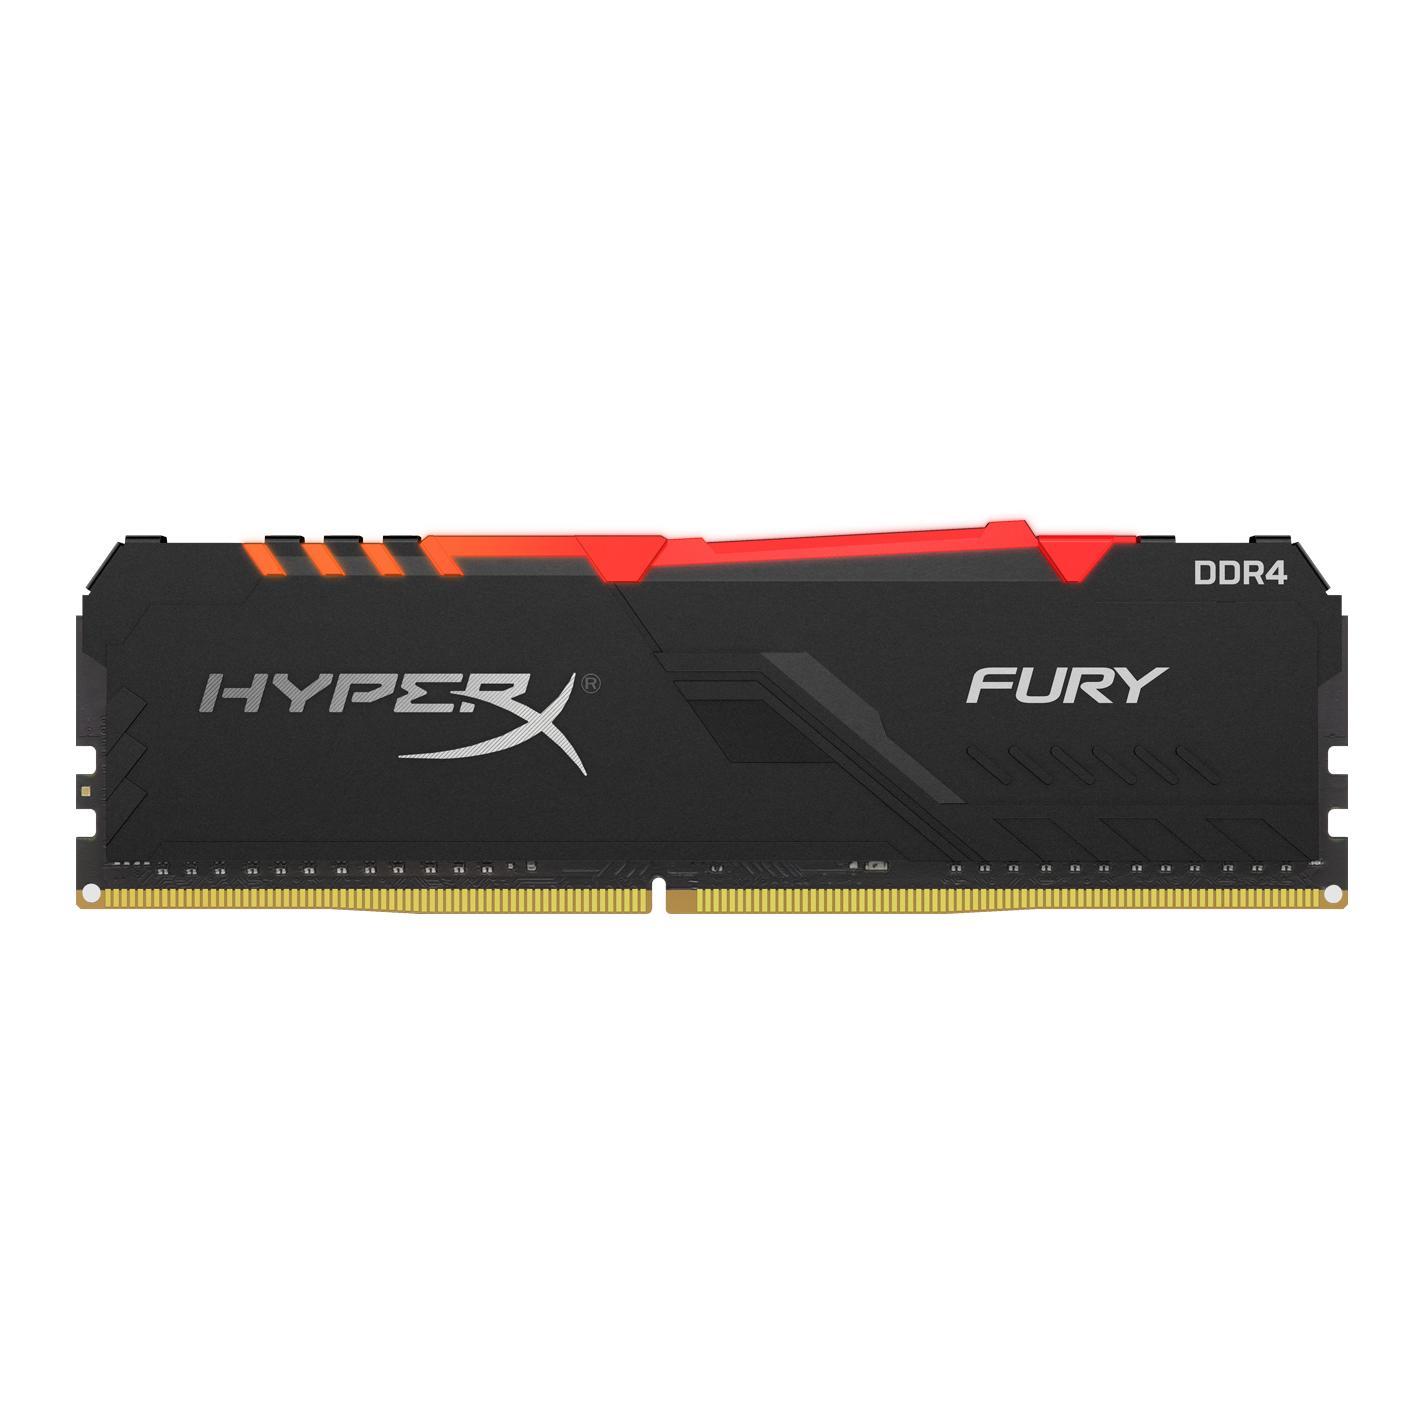 HYPERX FURY HX432C16FB3A/16 MEMORY MODULE 16 GB DDR4 3200 MHZ